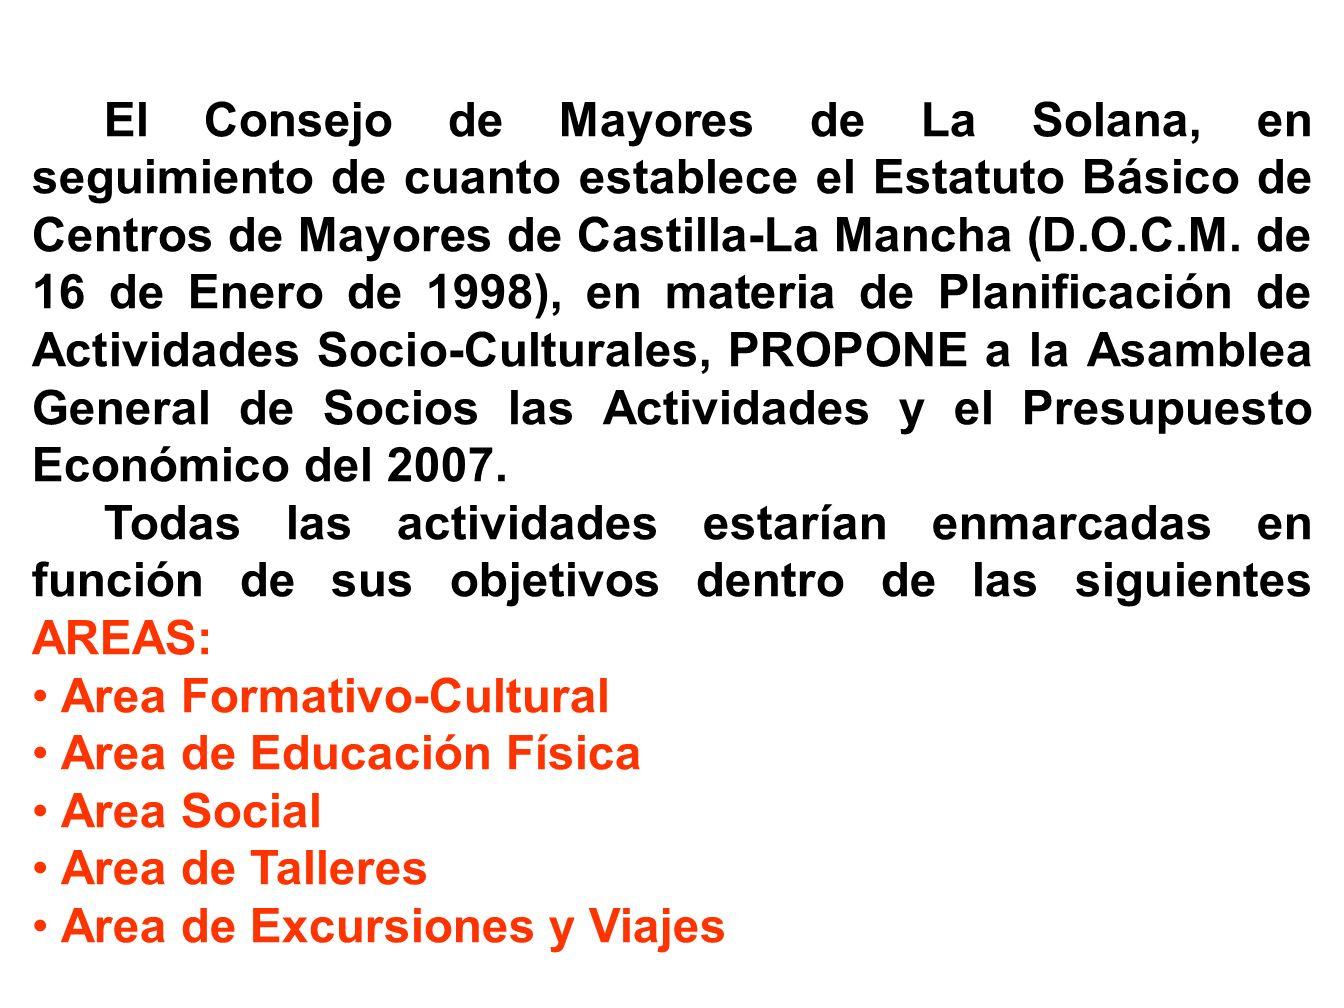 ANEXO II PROGRAMA DE ACTIVIDADES 2007 CENTRO DE MAYORES DE LA SOLANA (BORRADOR PARA SU APROBACION POR el Consejo de Mayores el día 22 de febrero de 20